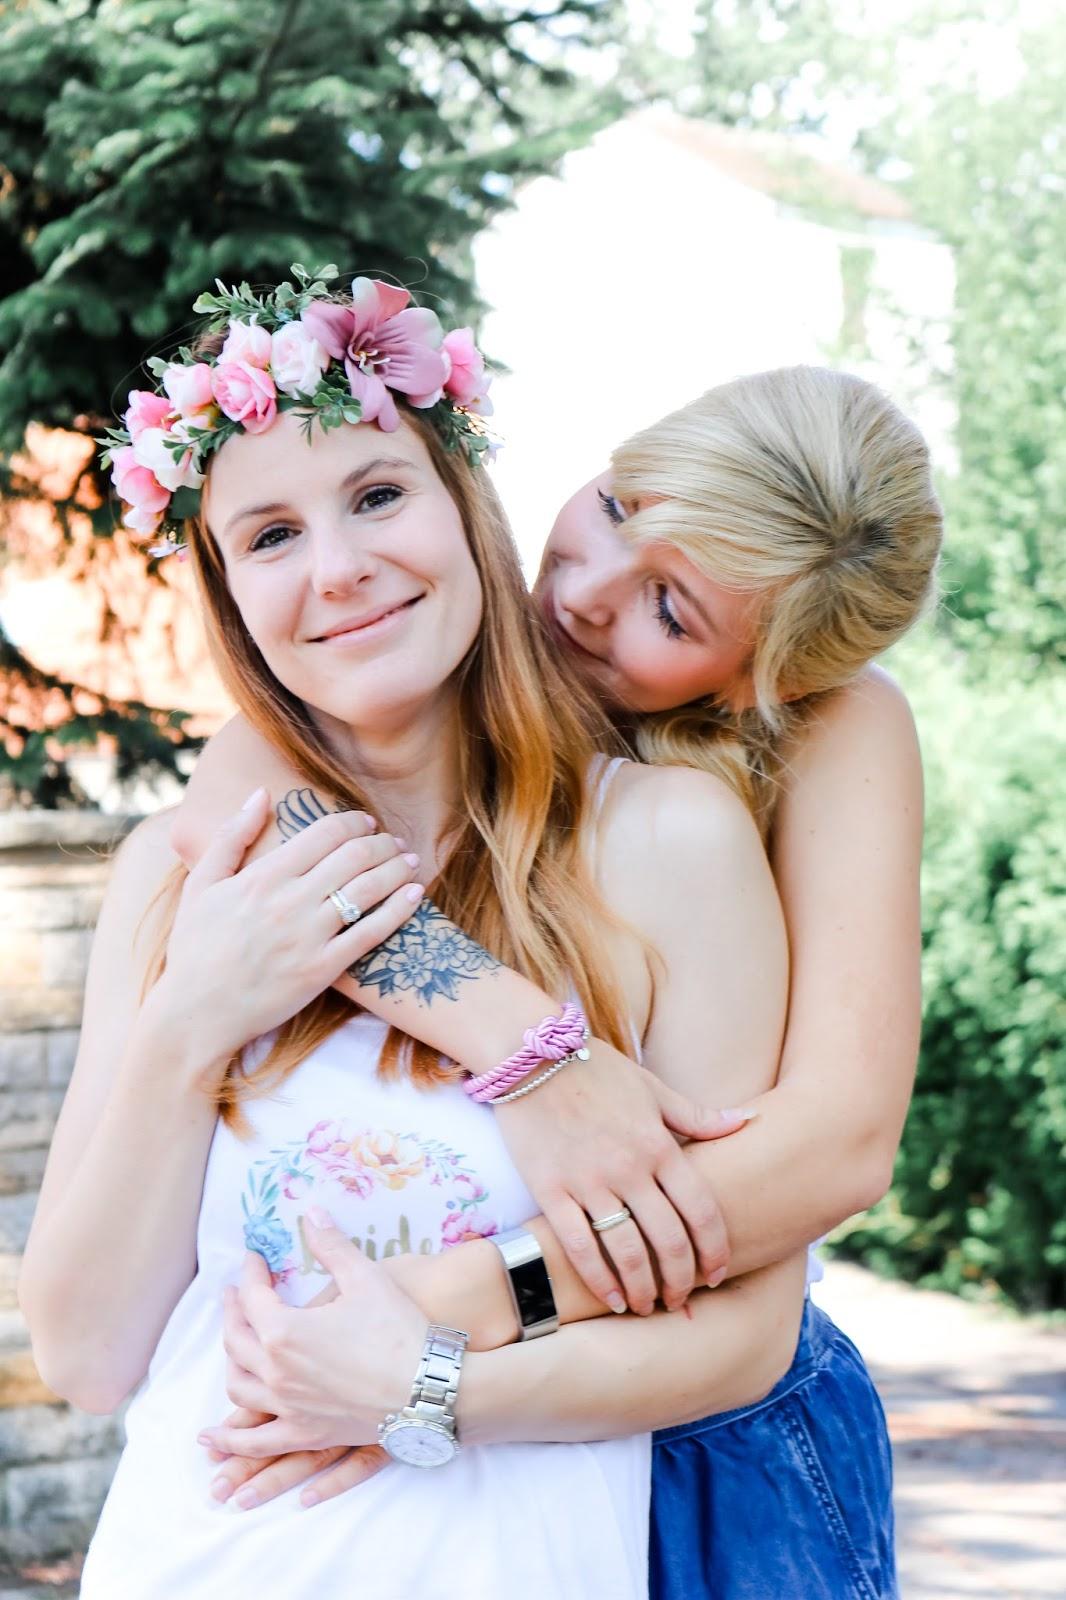 Fein Ungewöhnliche Hochzeit Themen Ideen Fotos - Brautkleider Ideen ...